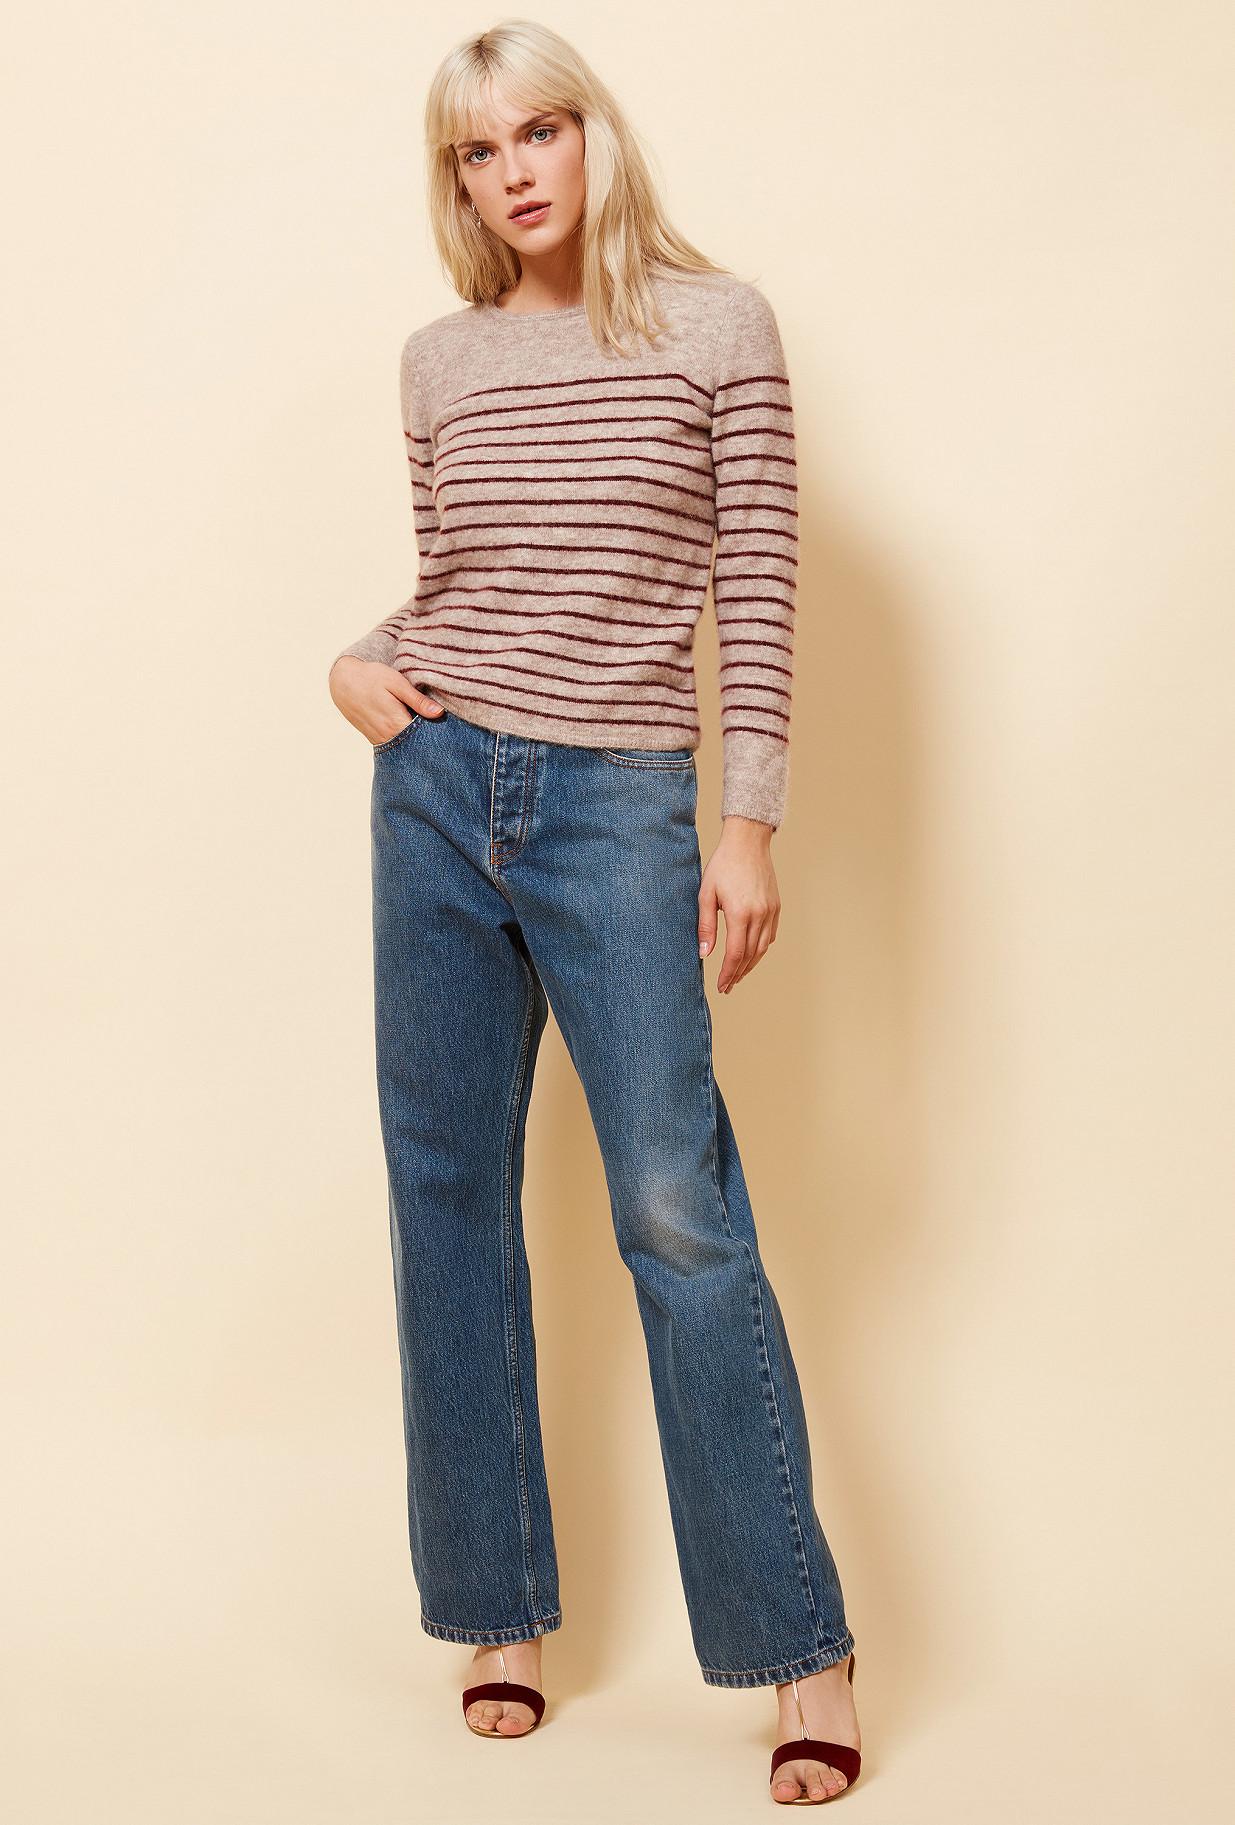 Paris boutique de mode vêtement MAILLES créateur bohème  Artaud